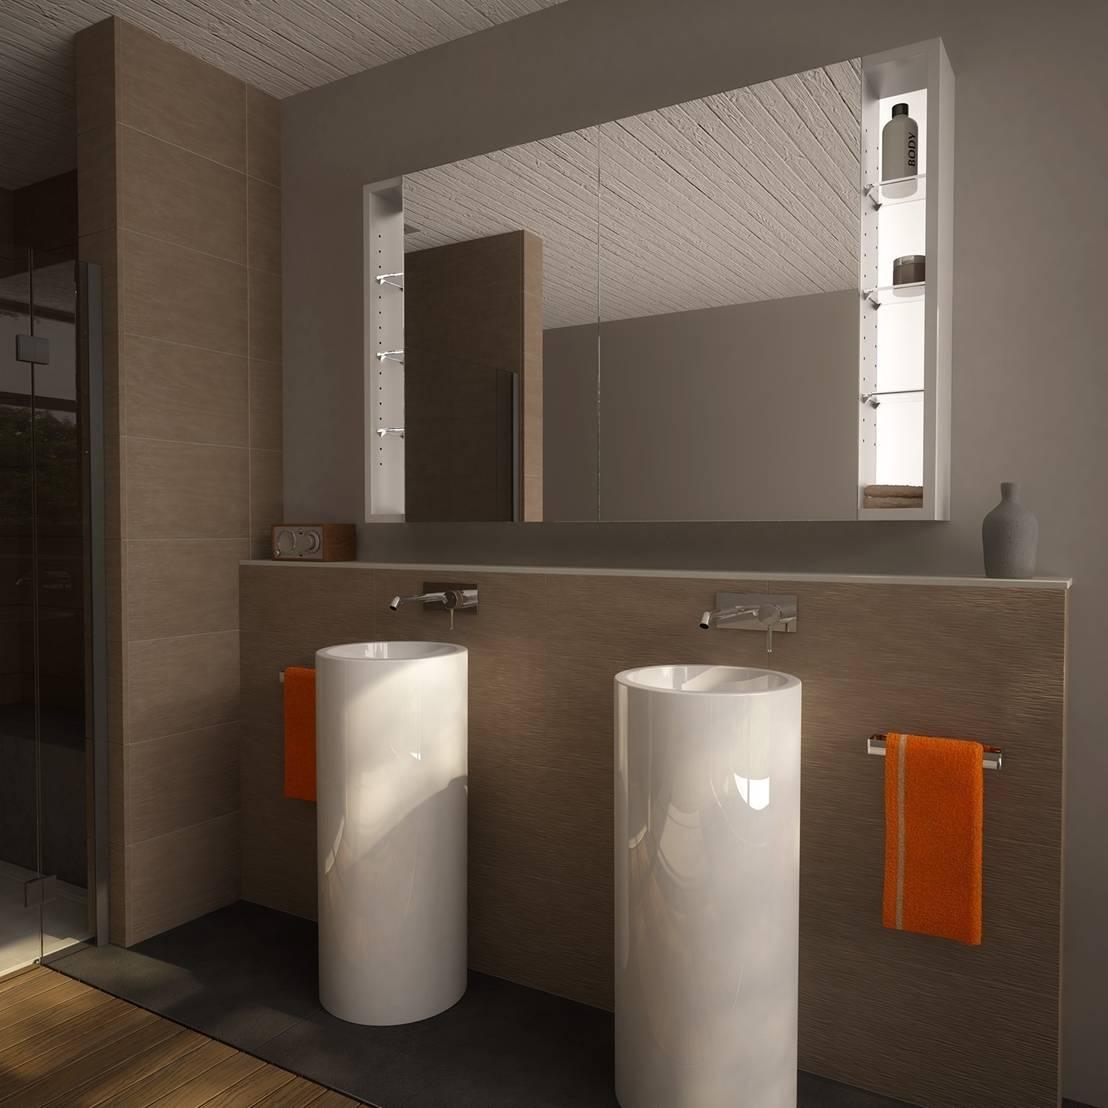 spiegelschr nke von lionidas design gmbh homify. Black Bedroom Furniture Sets. Home Design Ideas